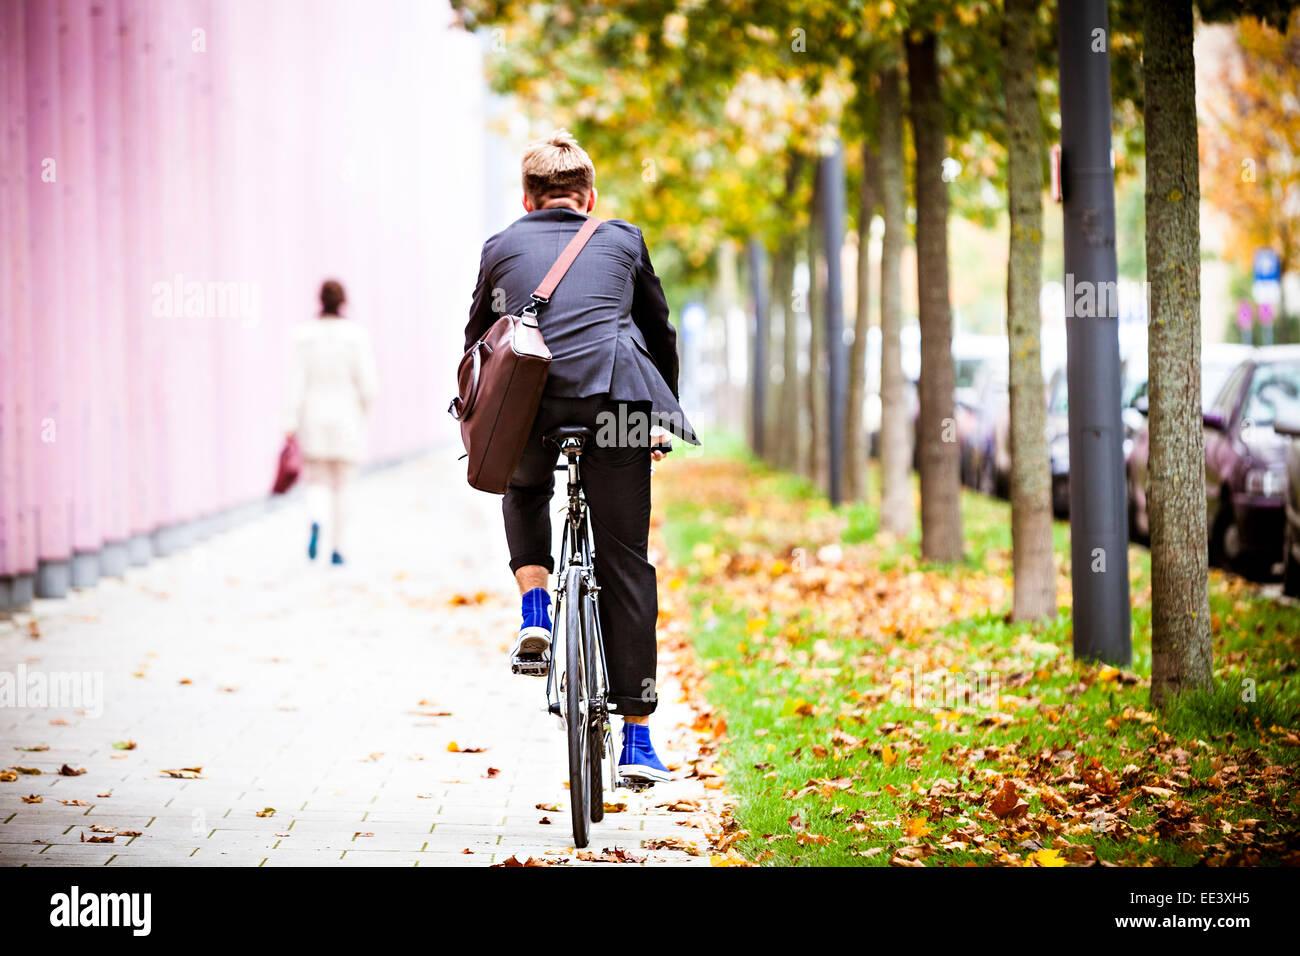 Joven Empresario de bicicleta Equitación, Munich, Baviera, Alemania Foto de stock